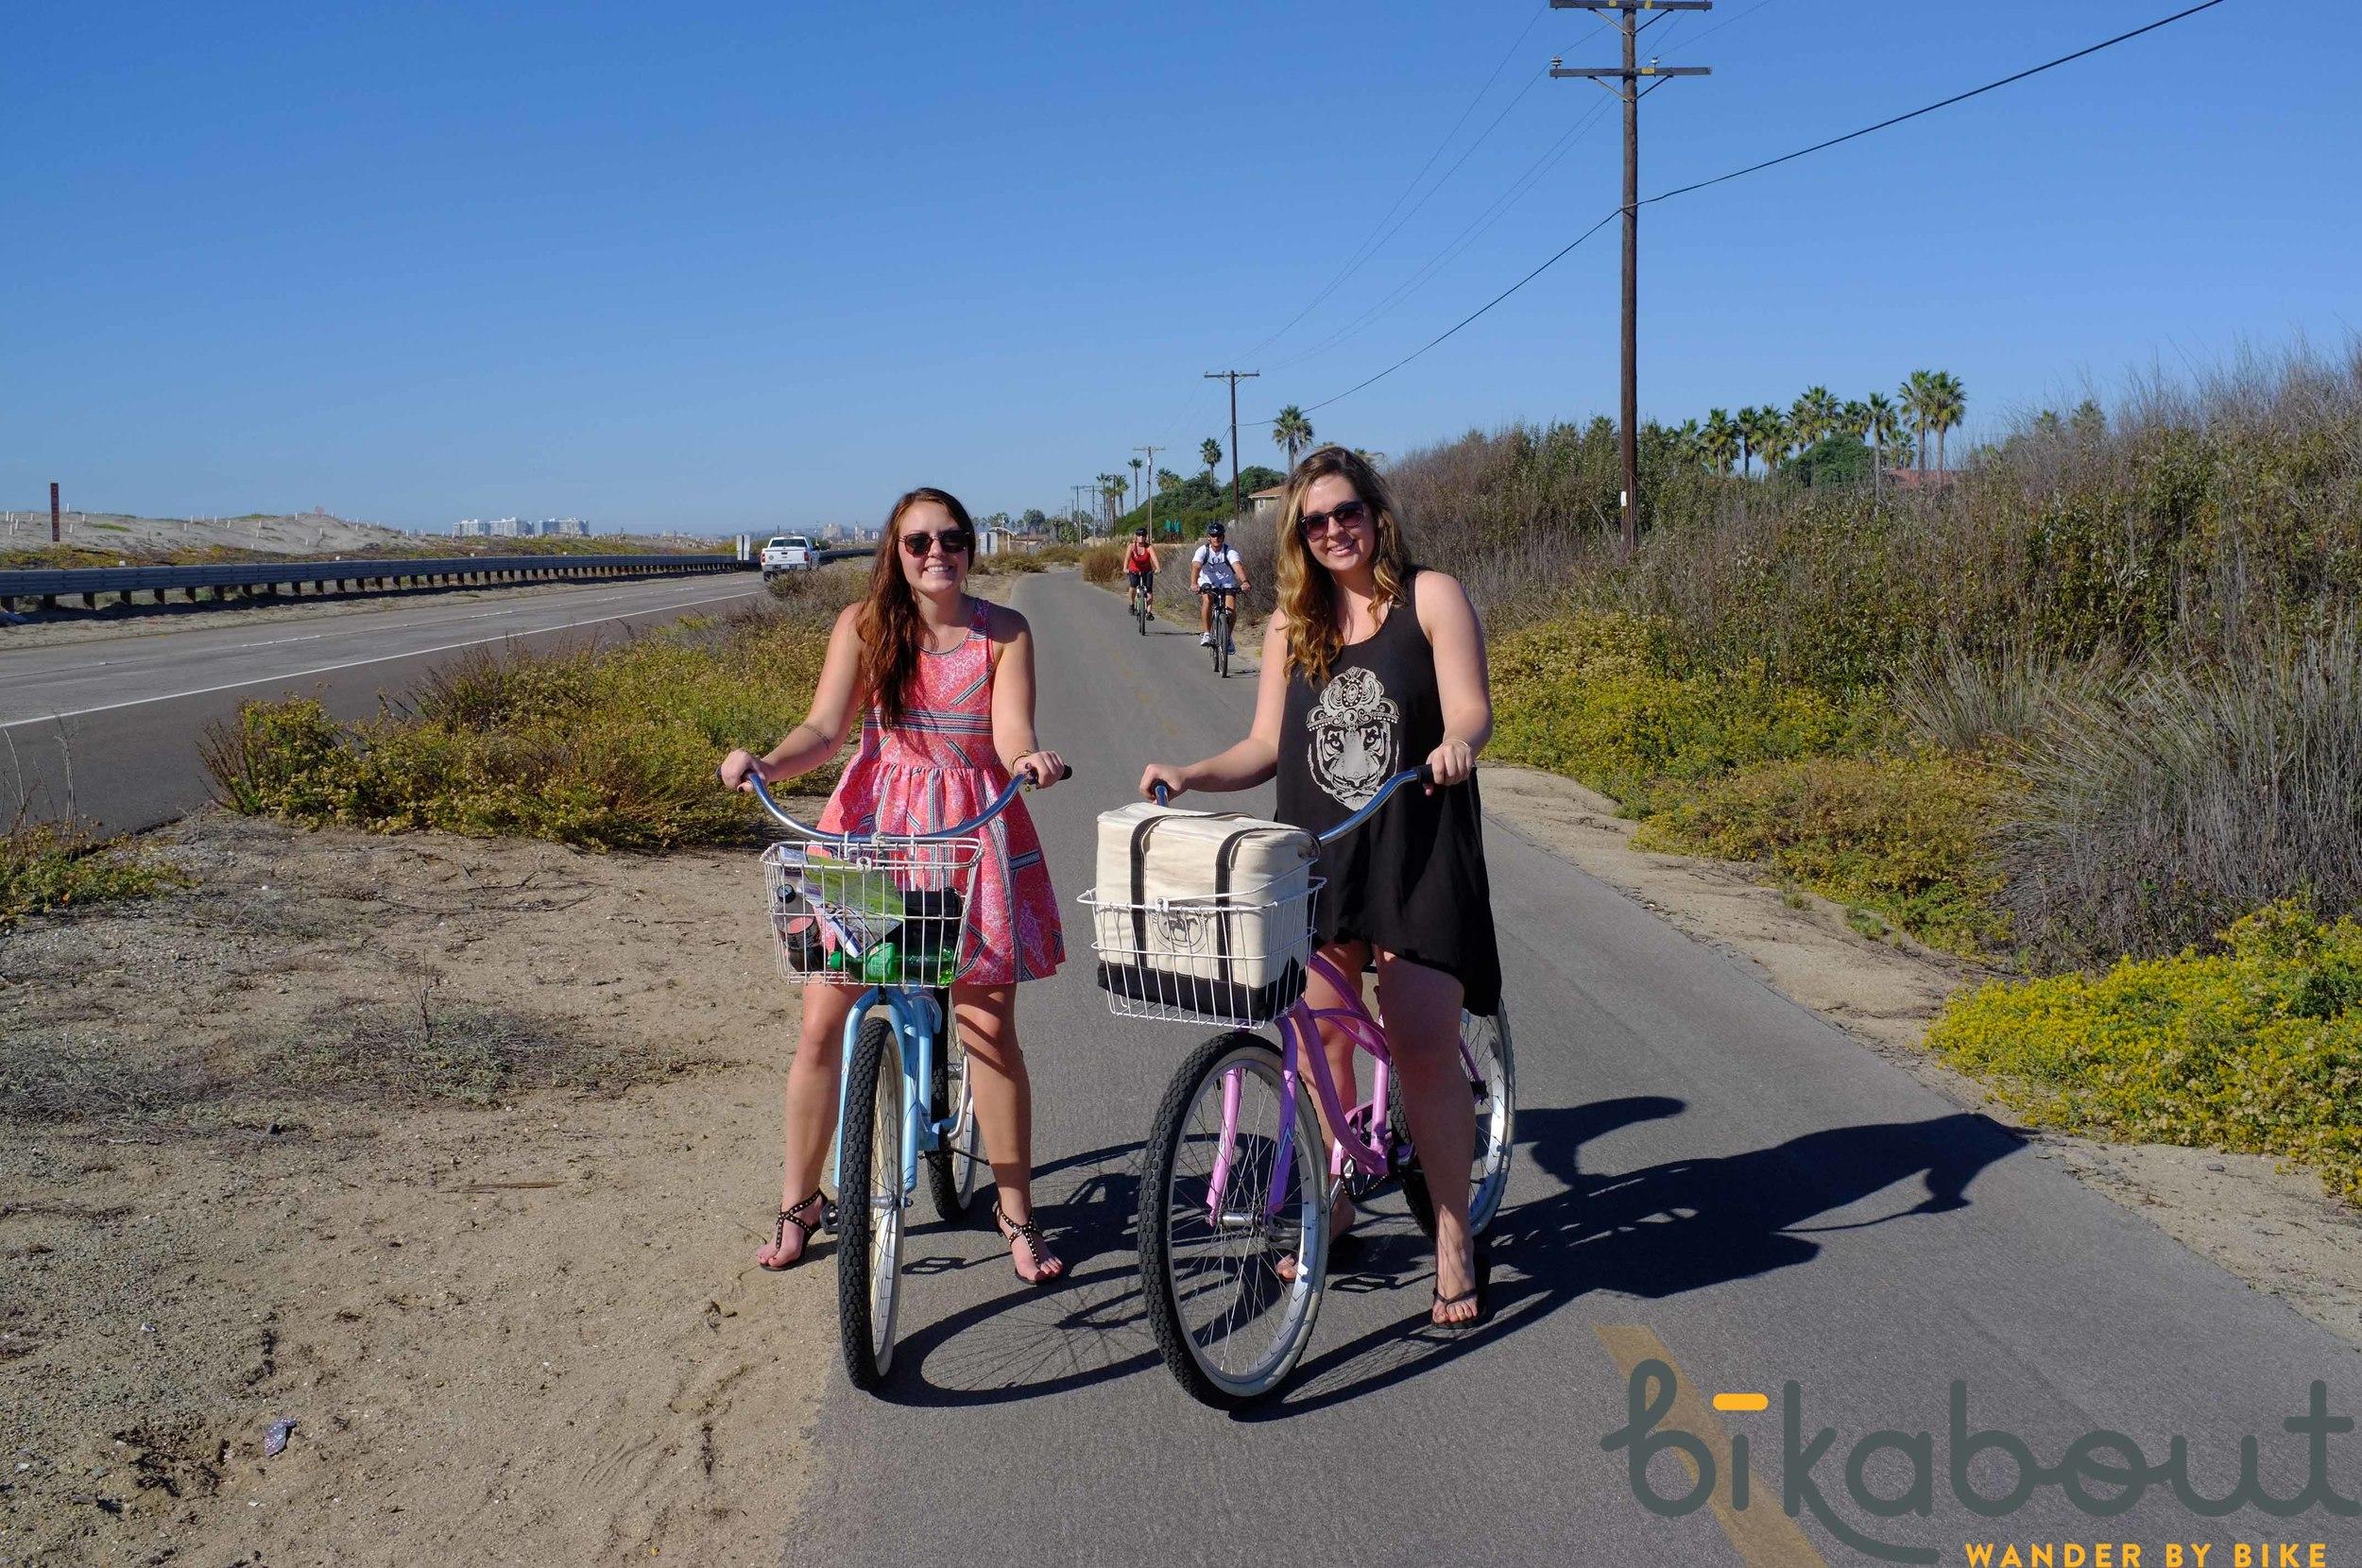 40 Bikabout-San-Diego-Bayshore-Bikeway-6.jpg